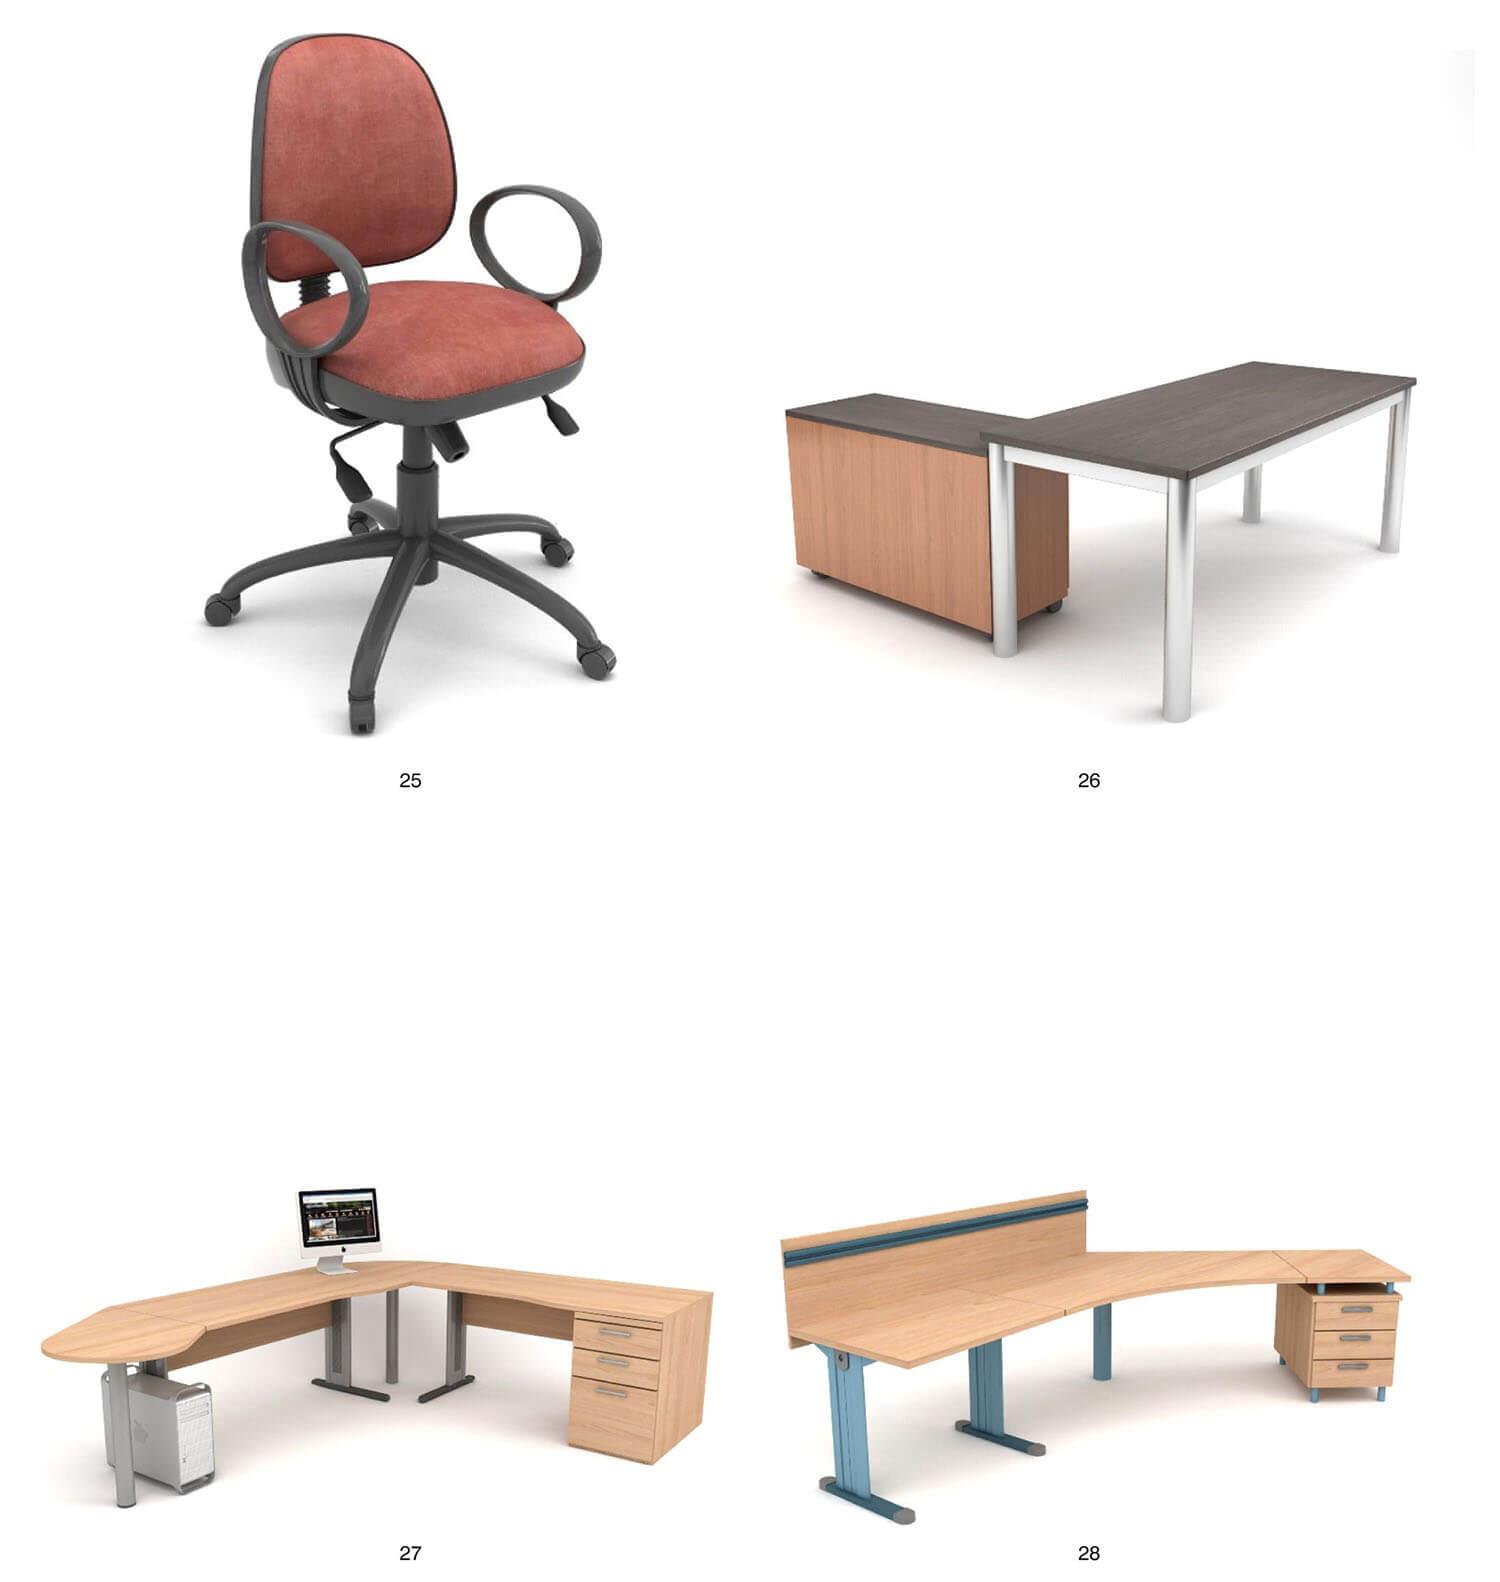 Một số mẫu bàn làm việc góc cho nhân viên với màu gỗ sáng trẻ trung hiện đại